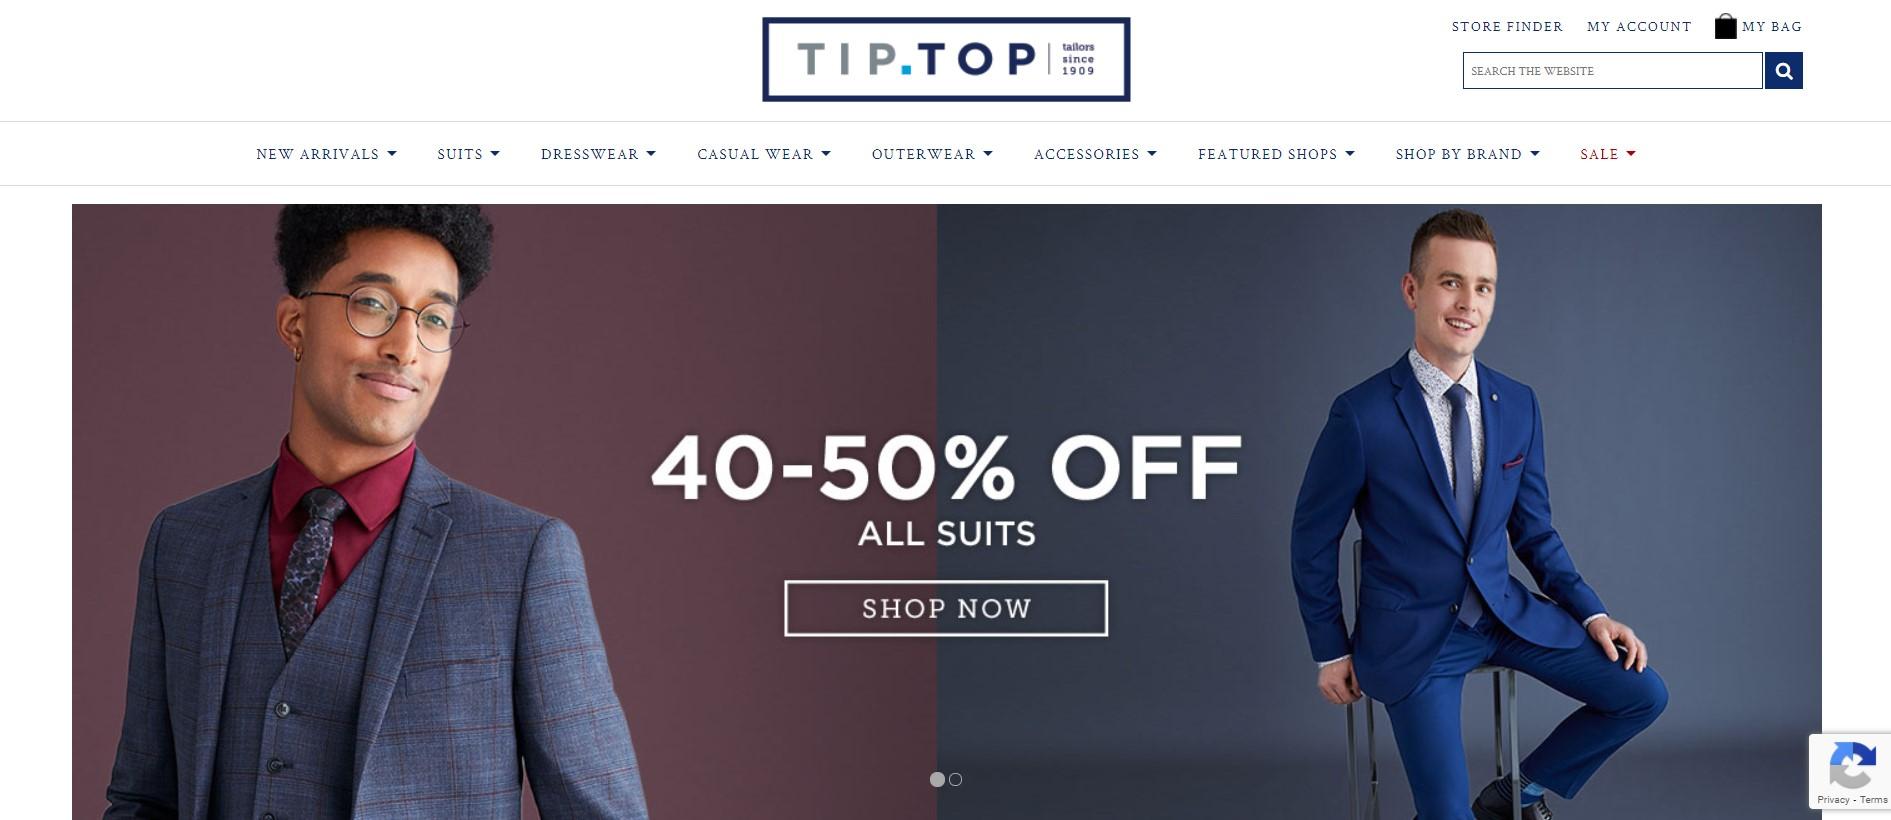 tip top formal wear store in winnipeg